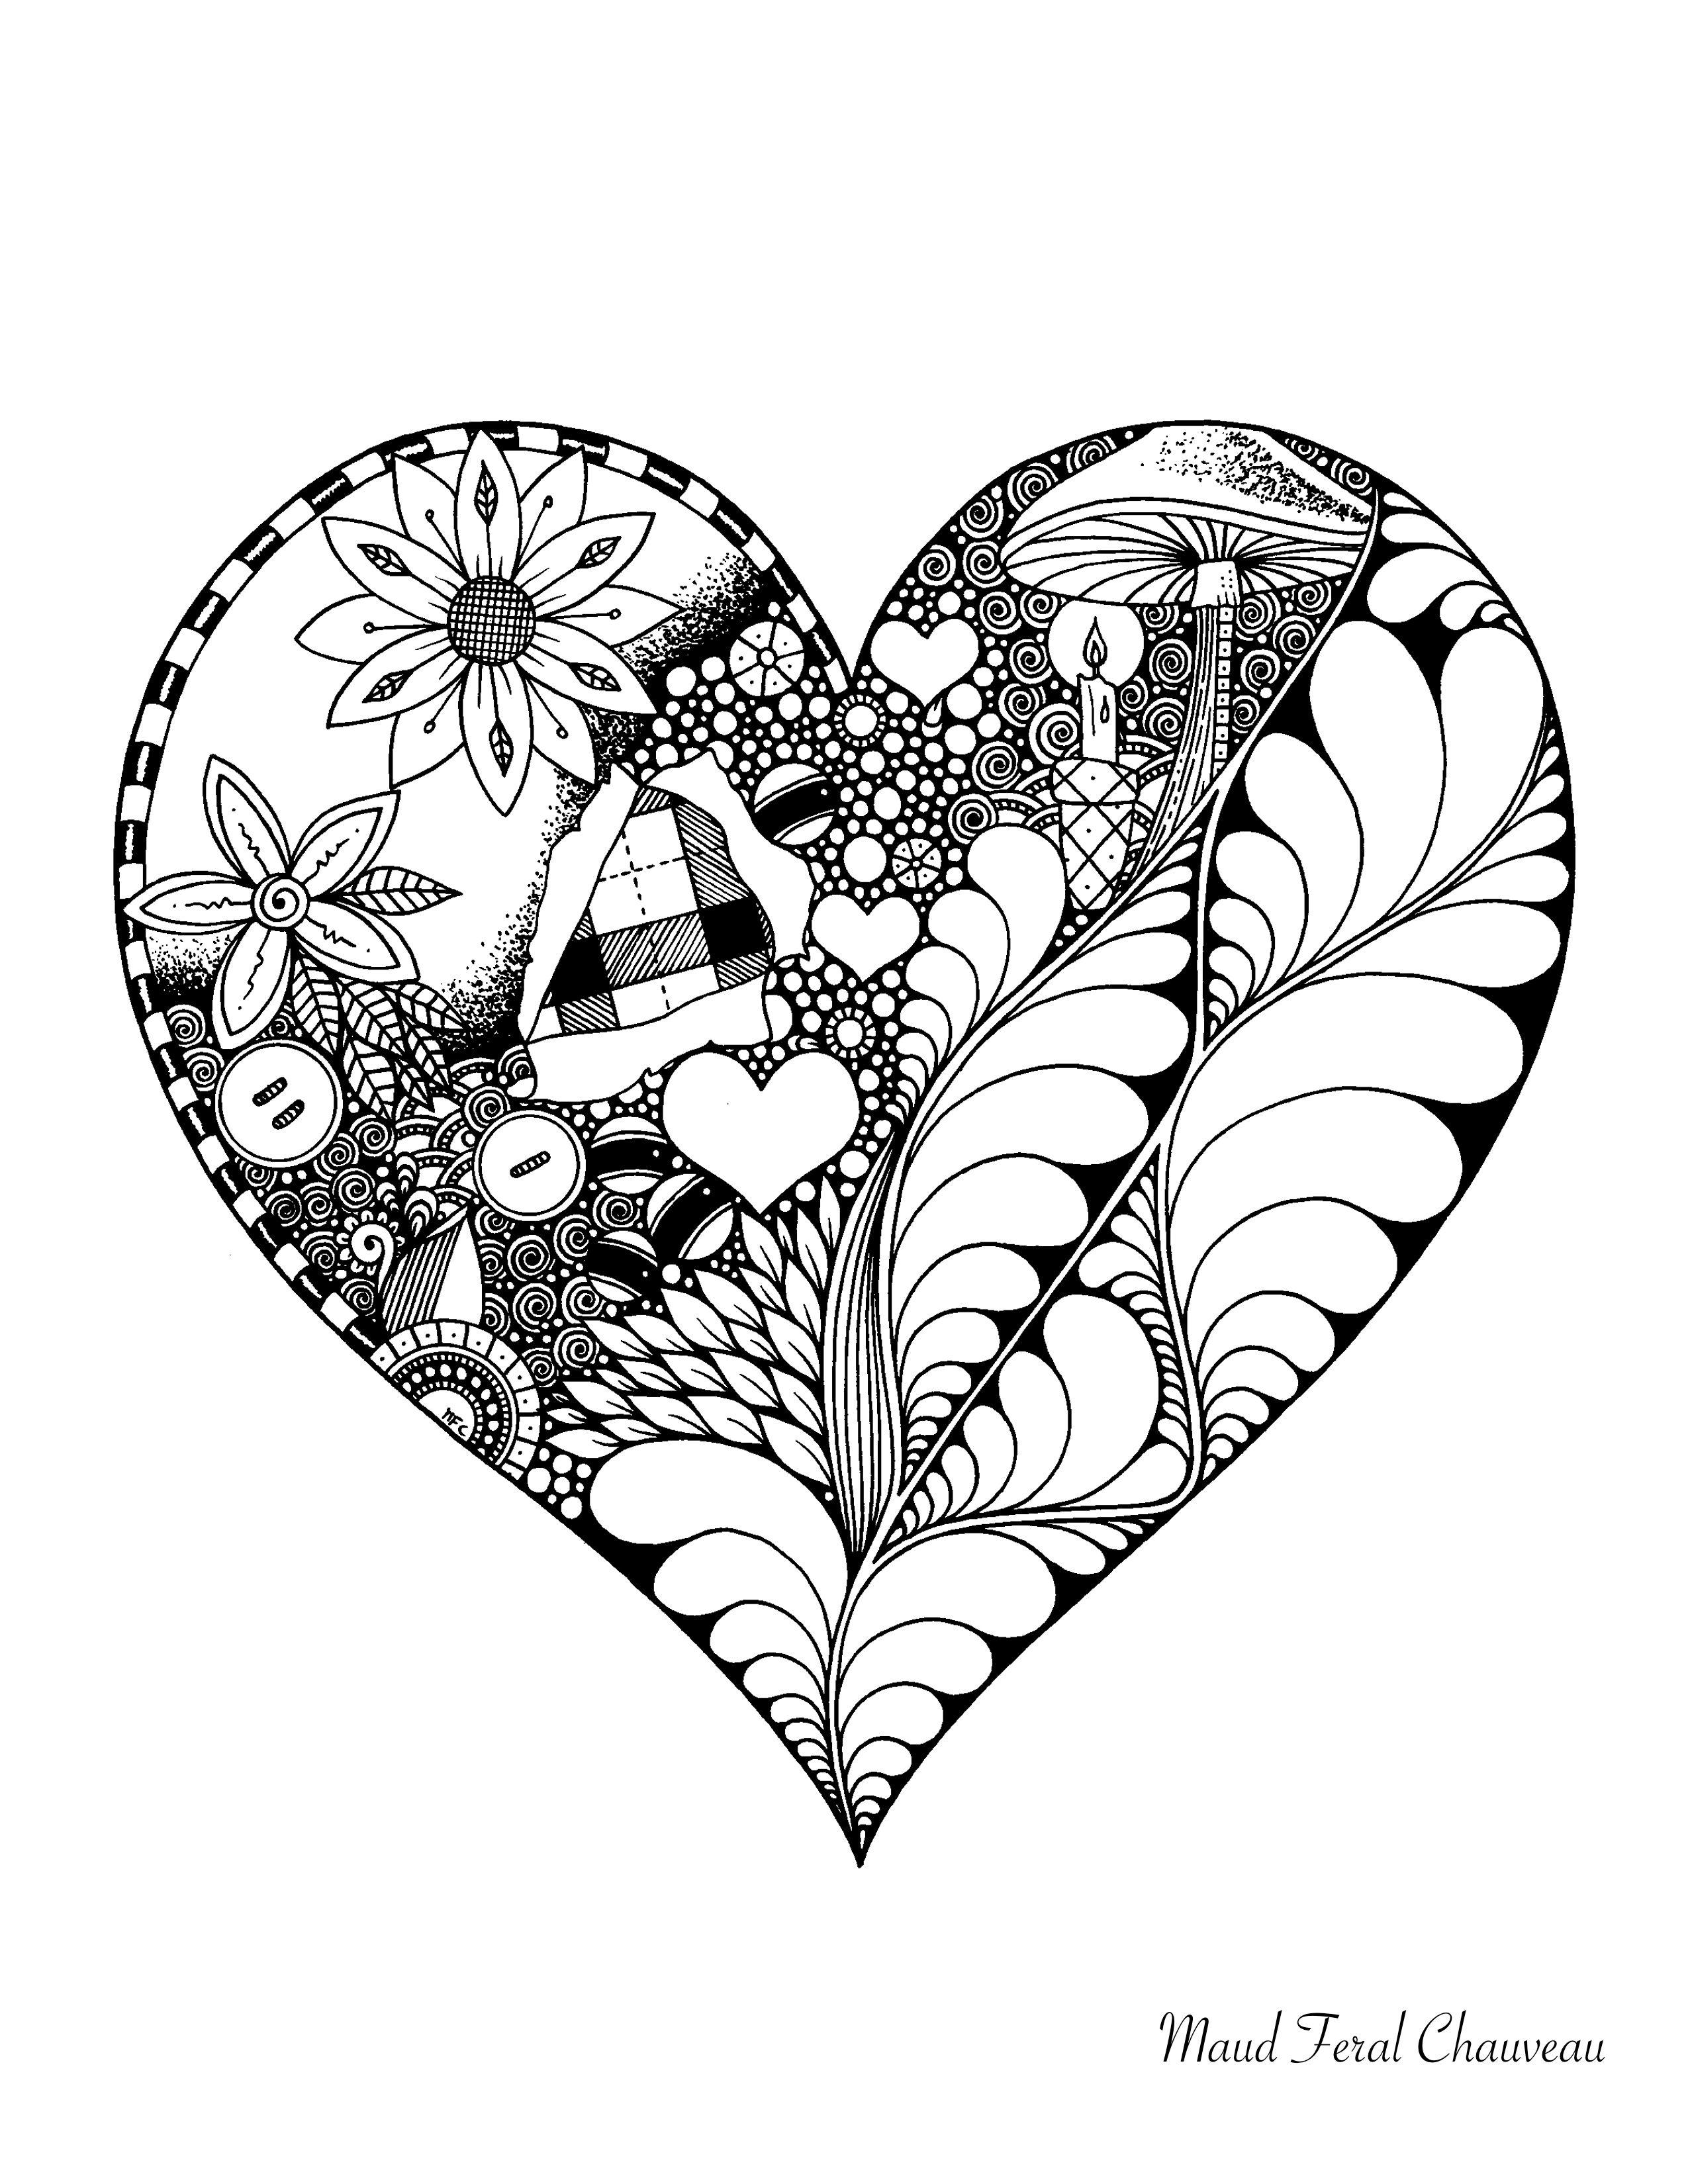 Élégant Dessin à Colorier Avec Des Coeurs